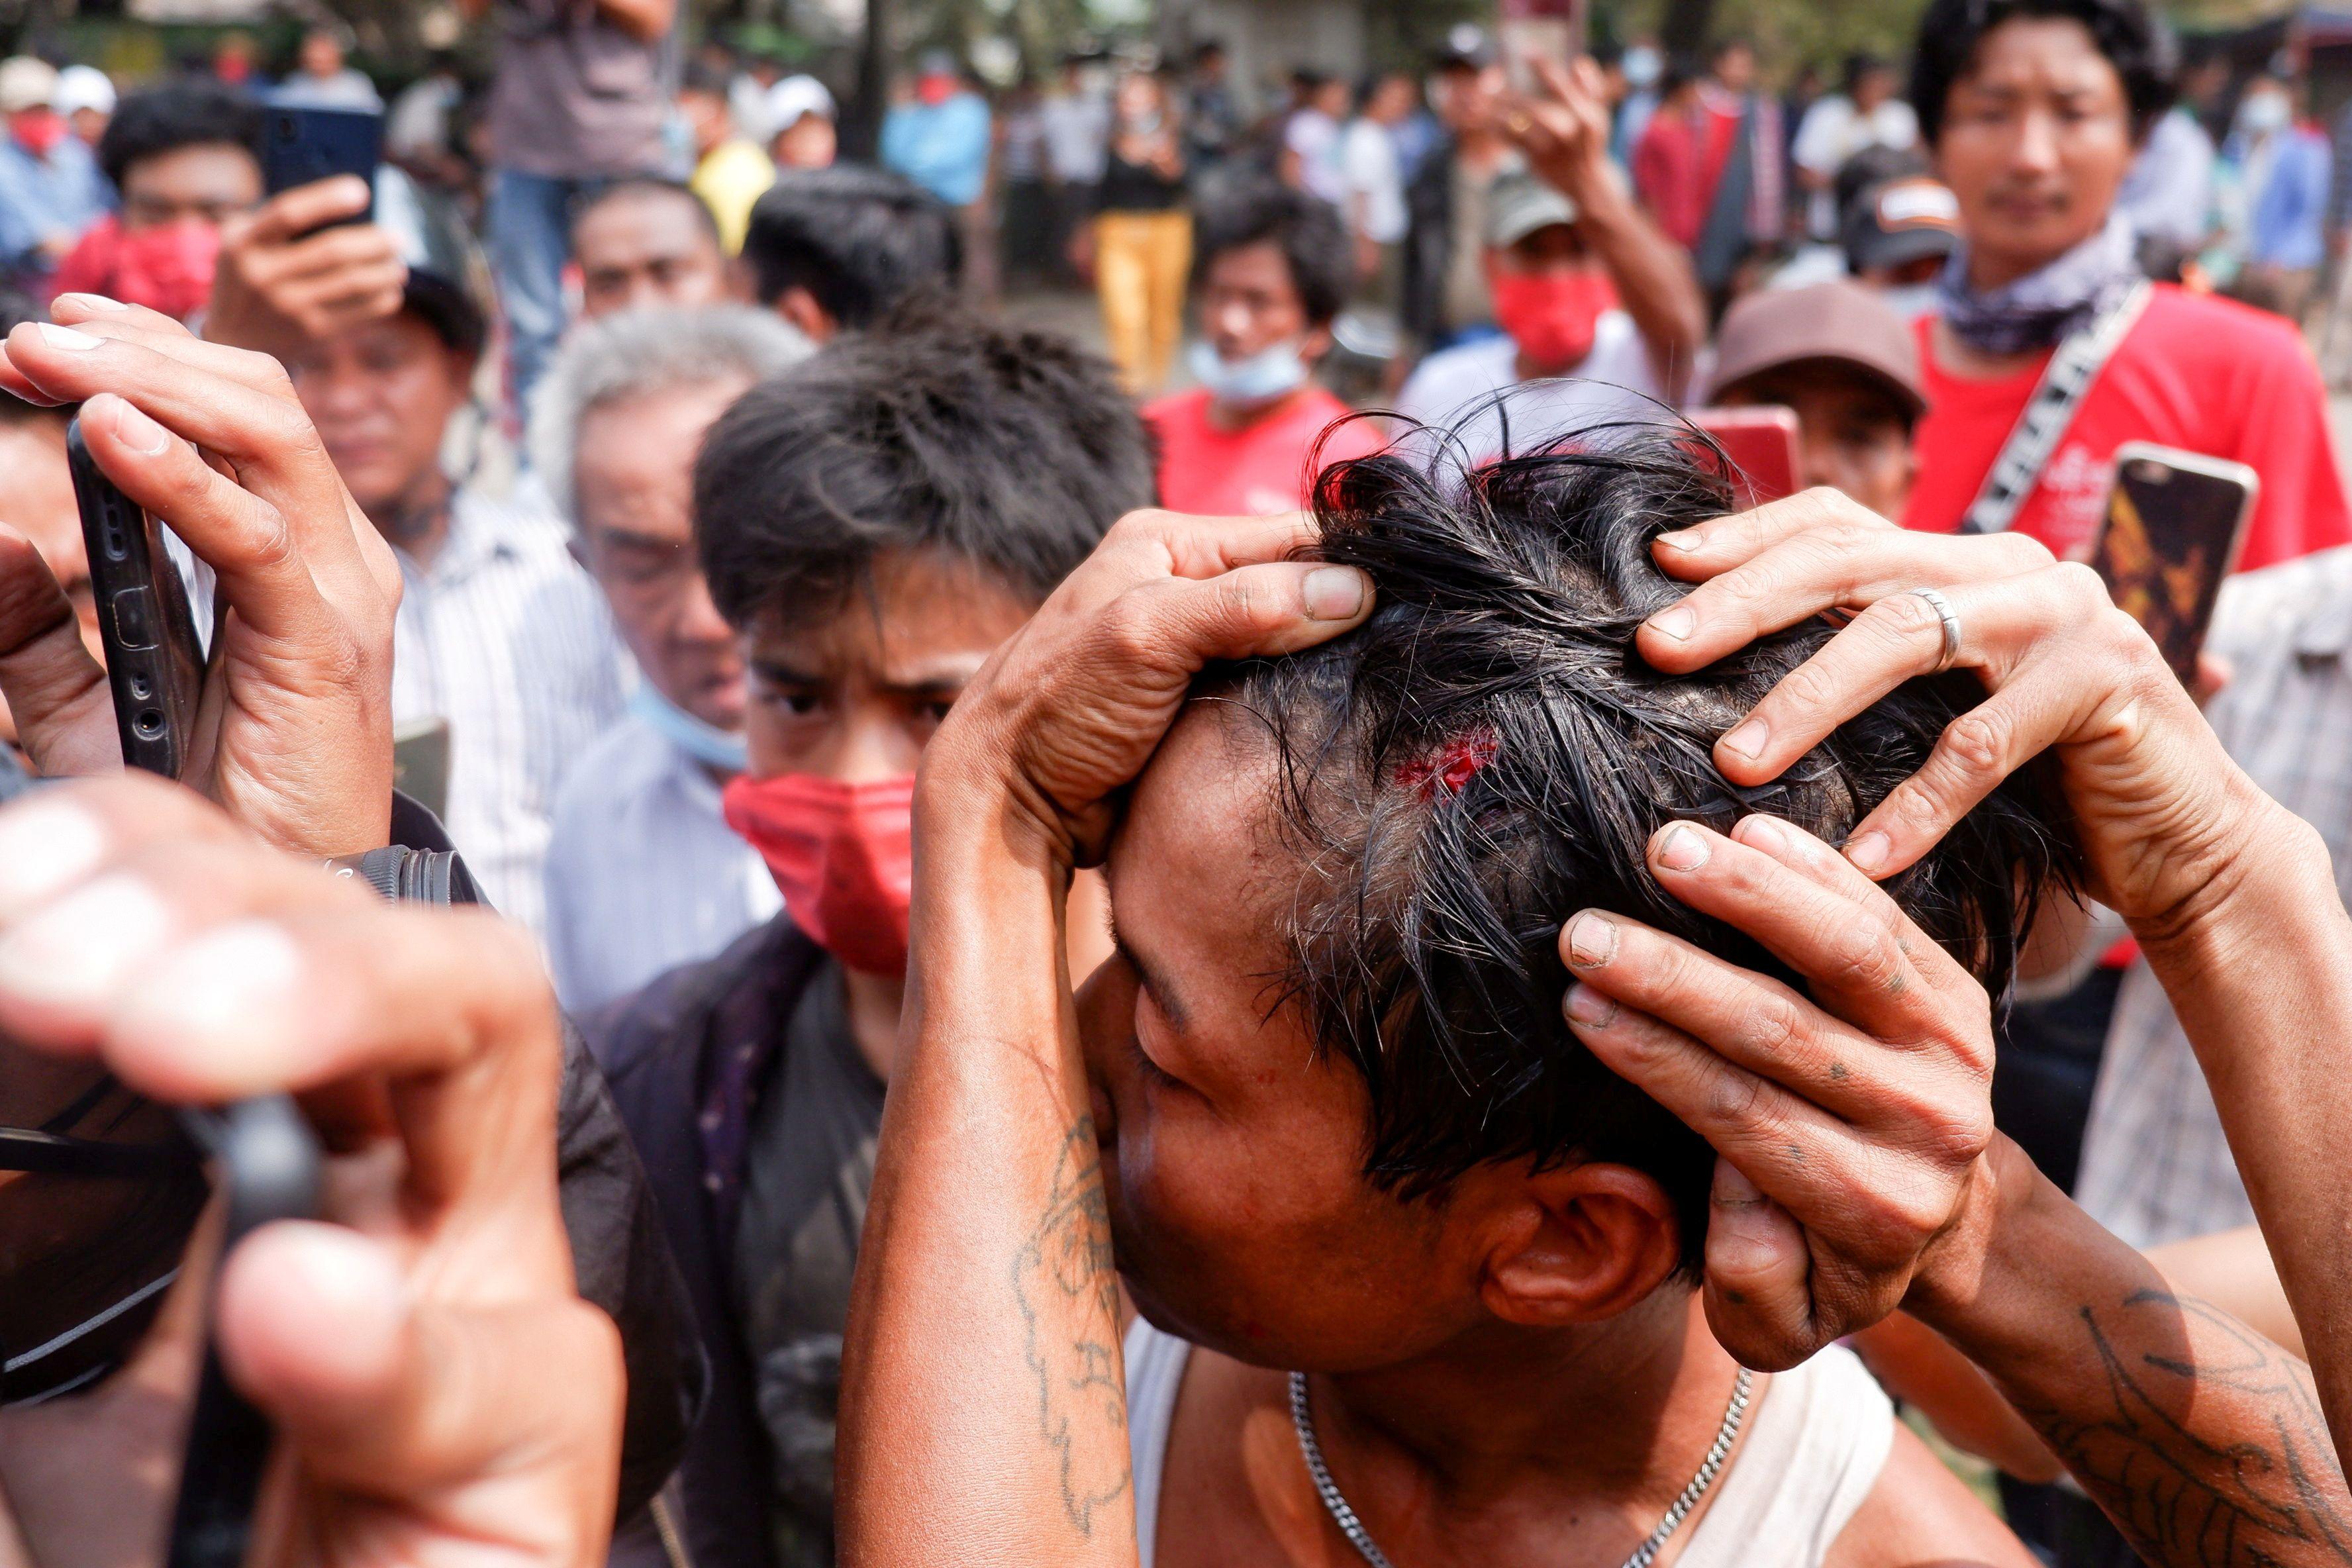 Un hombre muestra una herida después de que la policía disparara balas de goma durante las protestas contra el golpe militar, en Mandalay, Myanmar, el 20 de febrero de 2021. REUTERS / Stringer